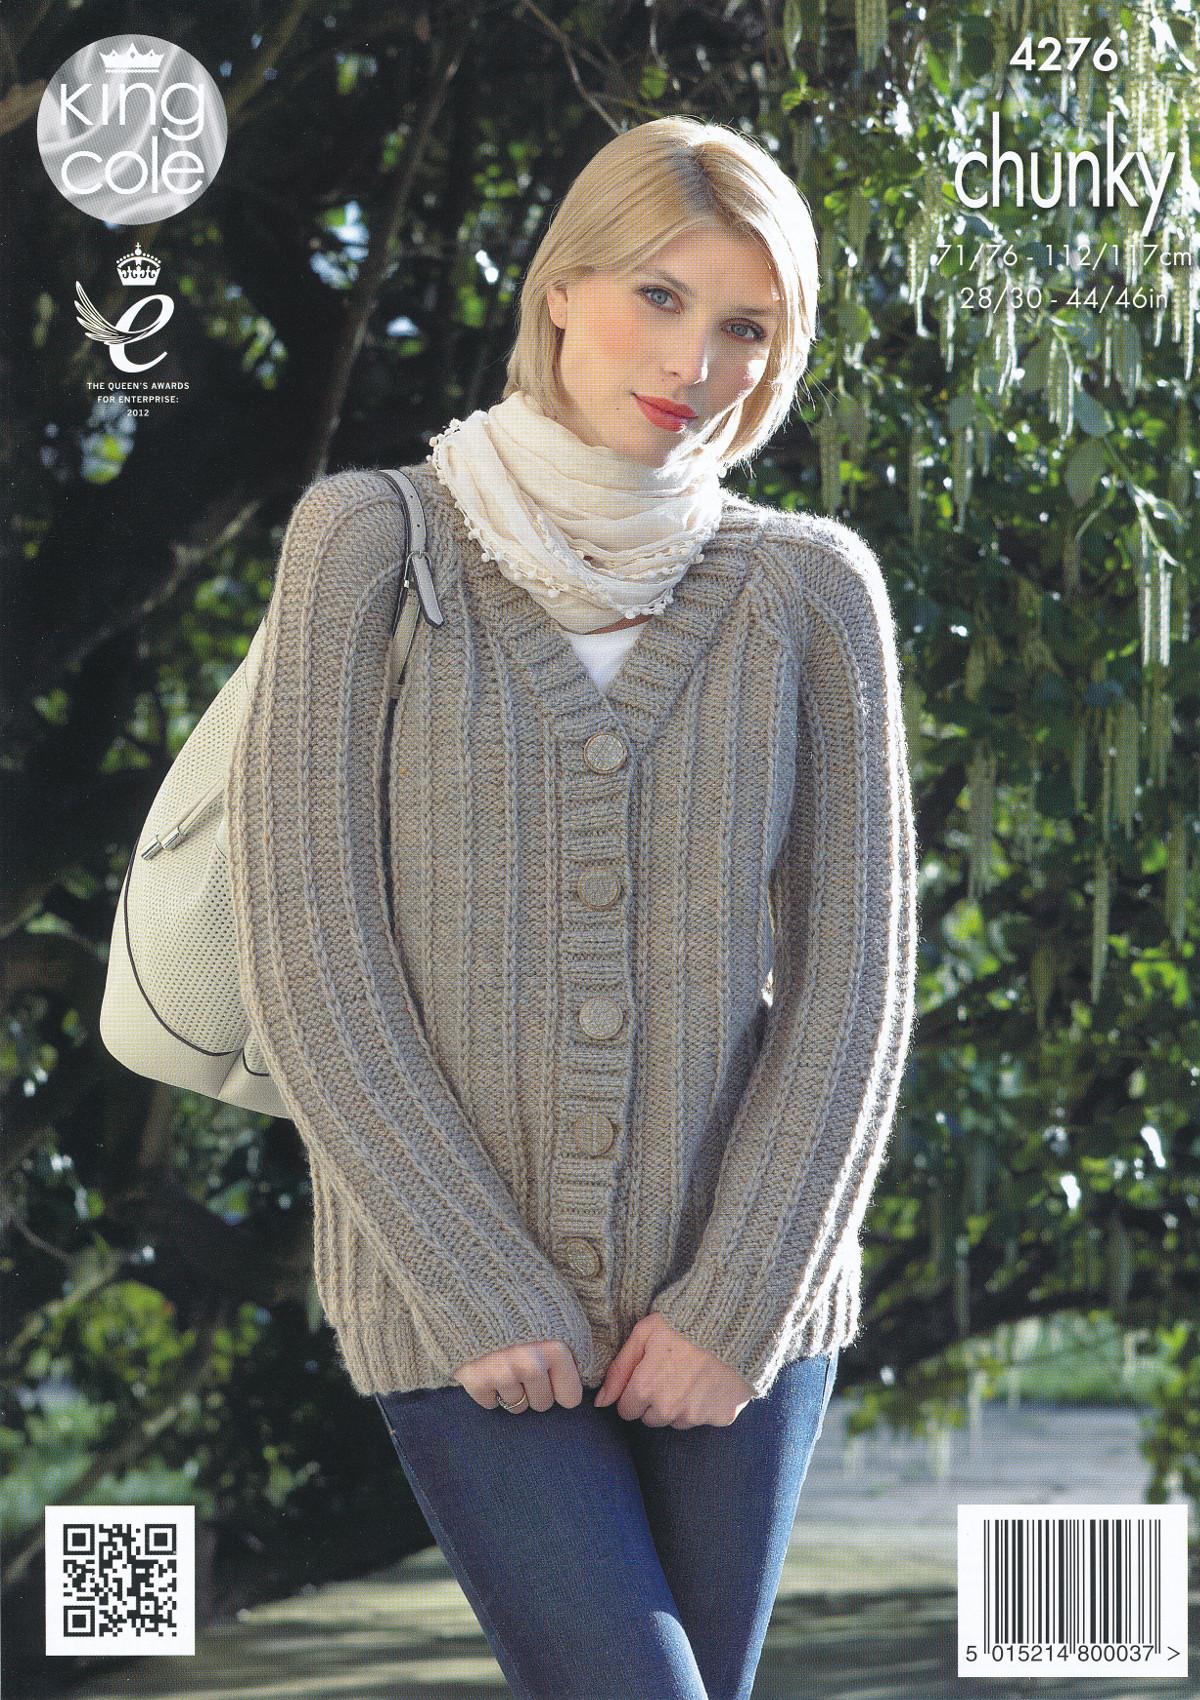 King Cole Knitting Pattern 3318 : King Cole Ladies Magnum Chunky Knitting Pattern Raglan Sweater & Cardigan...